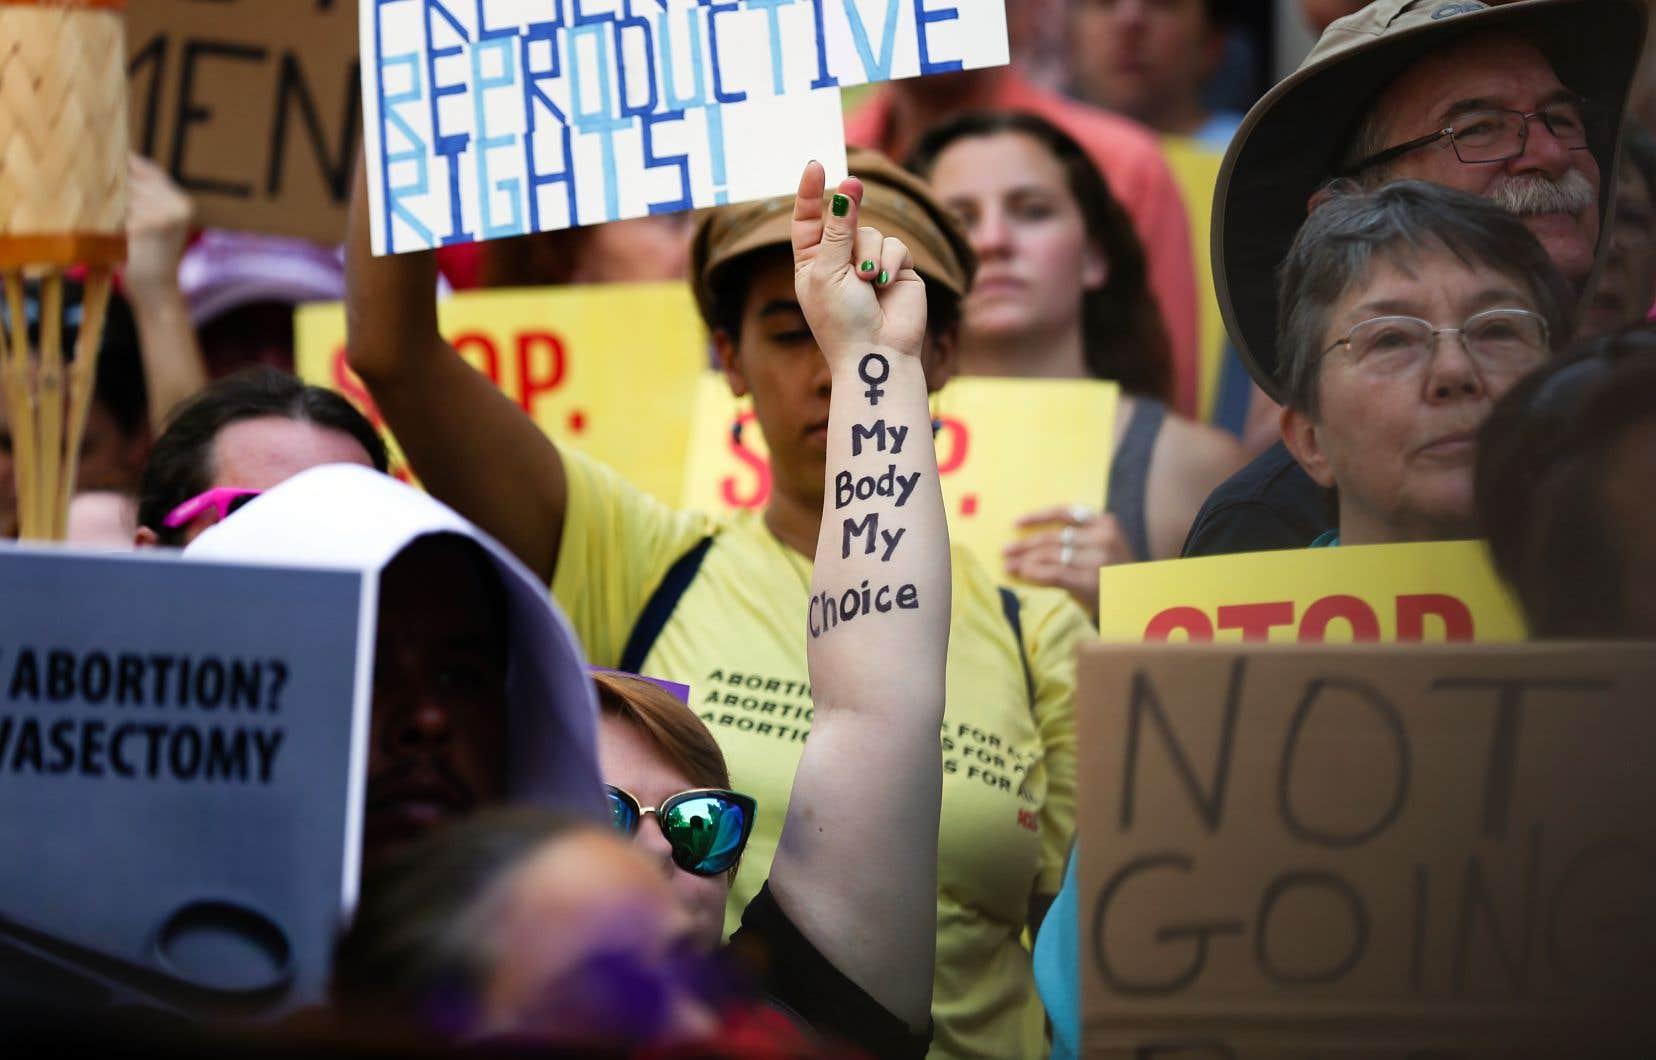 Des militants du droit à l'avortement ont manifesté devant le parlement de l'État de la Géorgie, à Atlanta, mardi, pour protester contre la nouvelle loi interdisant l'avortement dès qu'un battement de cœur du fœtus a été détecté.